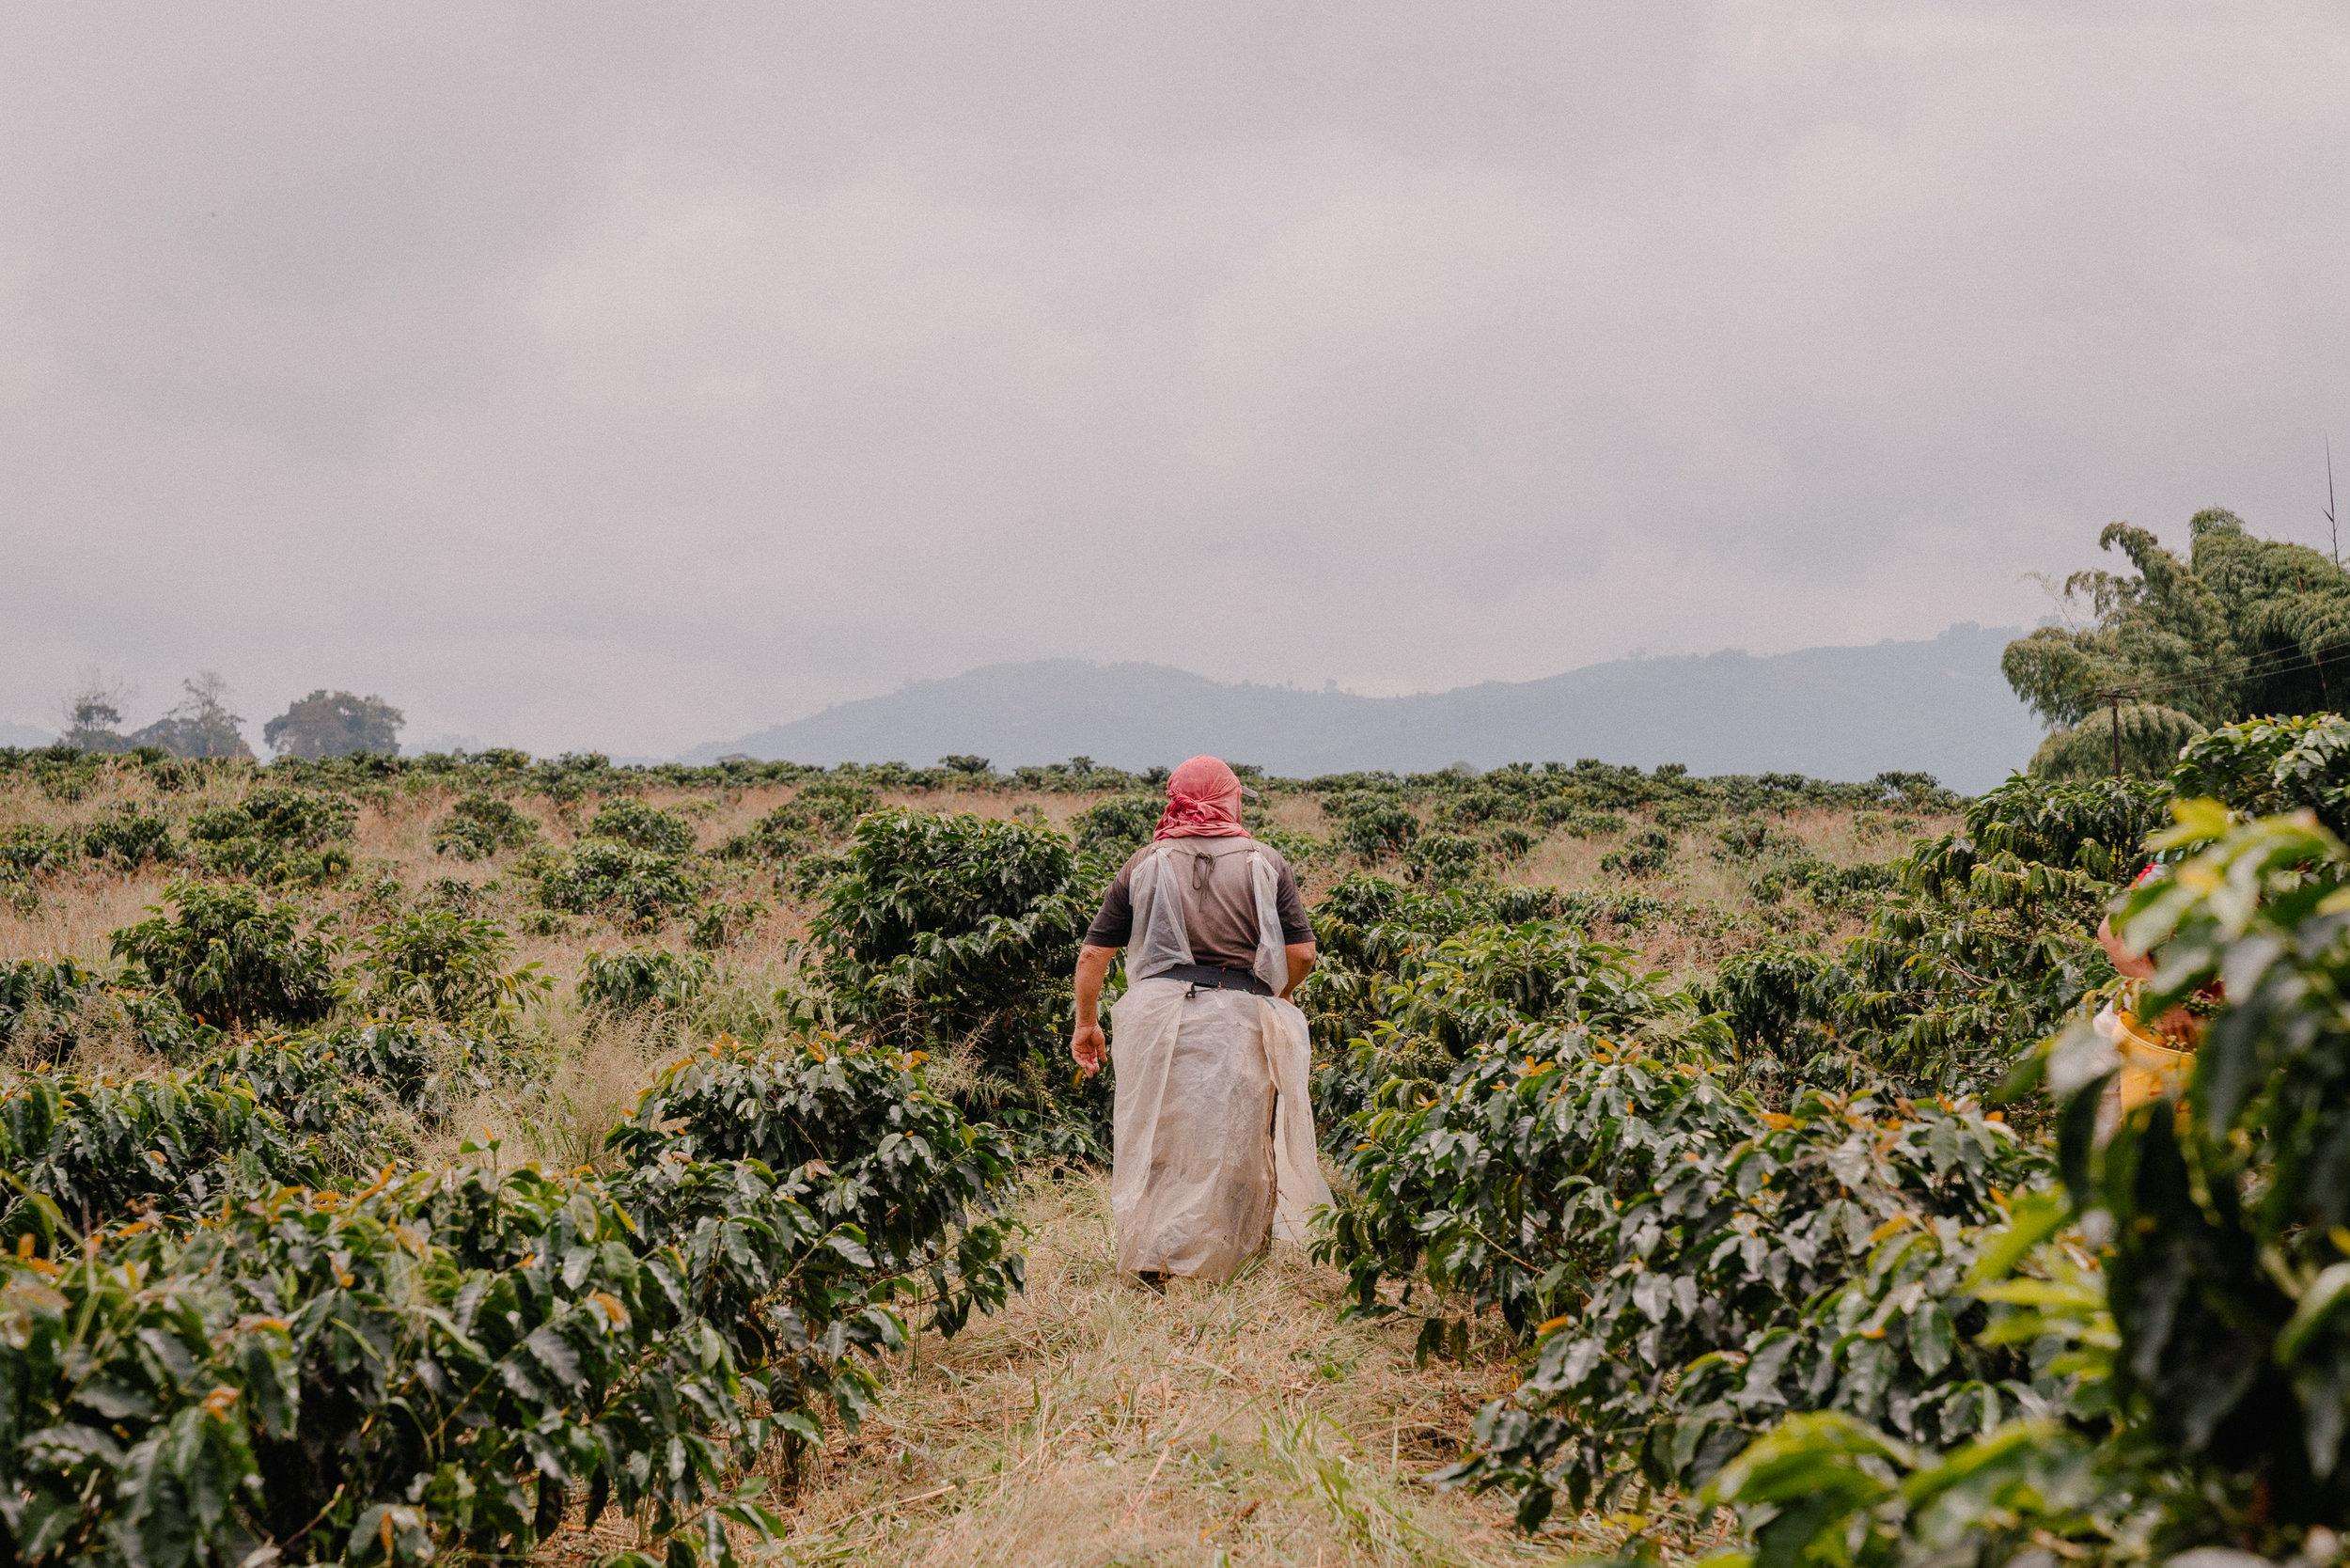 Emanuel-Hahn-Colombia-Coffee-Farmers-Huila-Manizales-Pagpropina-10.jpg